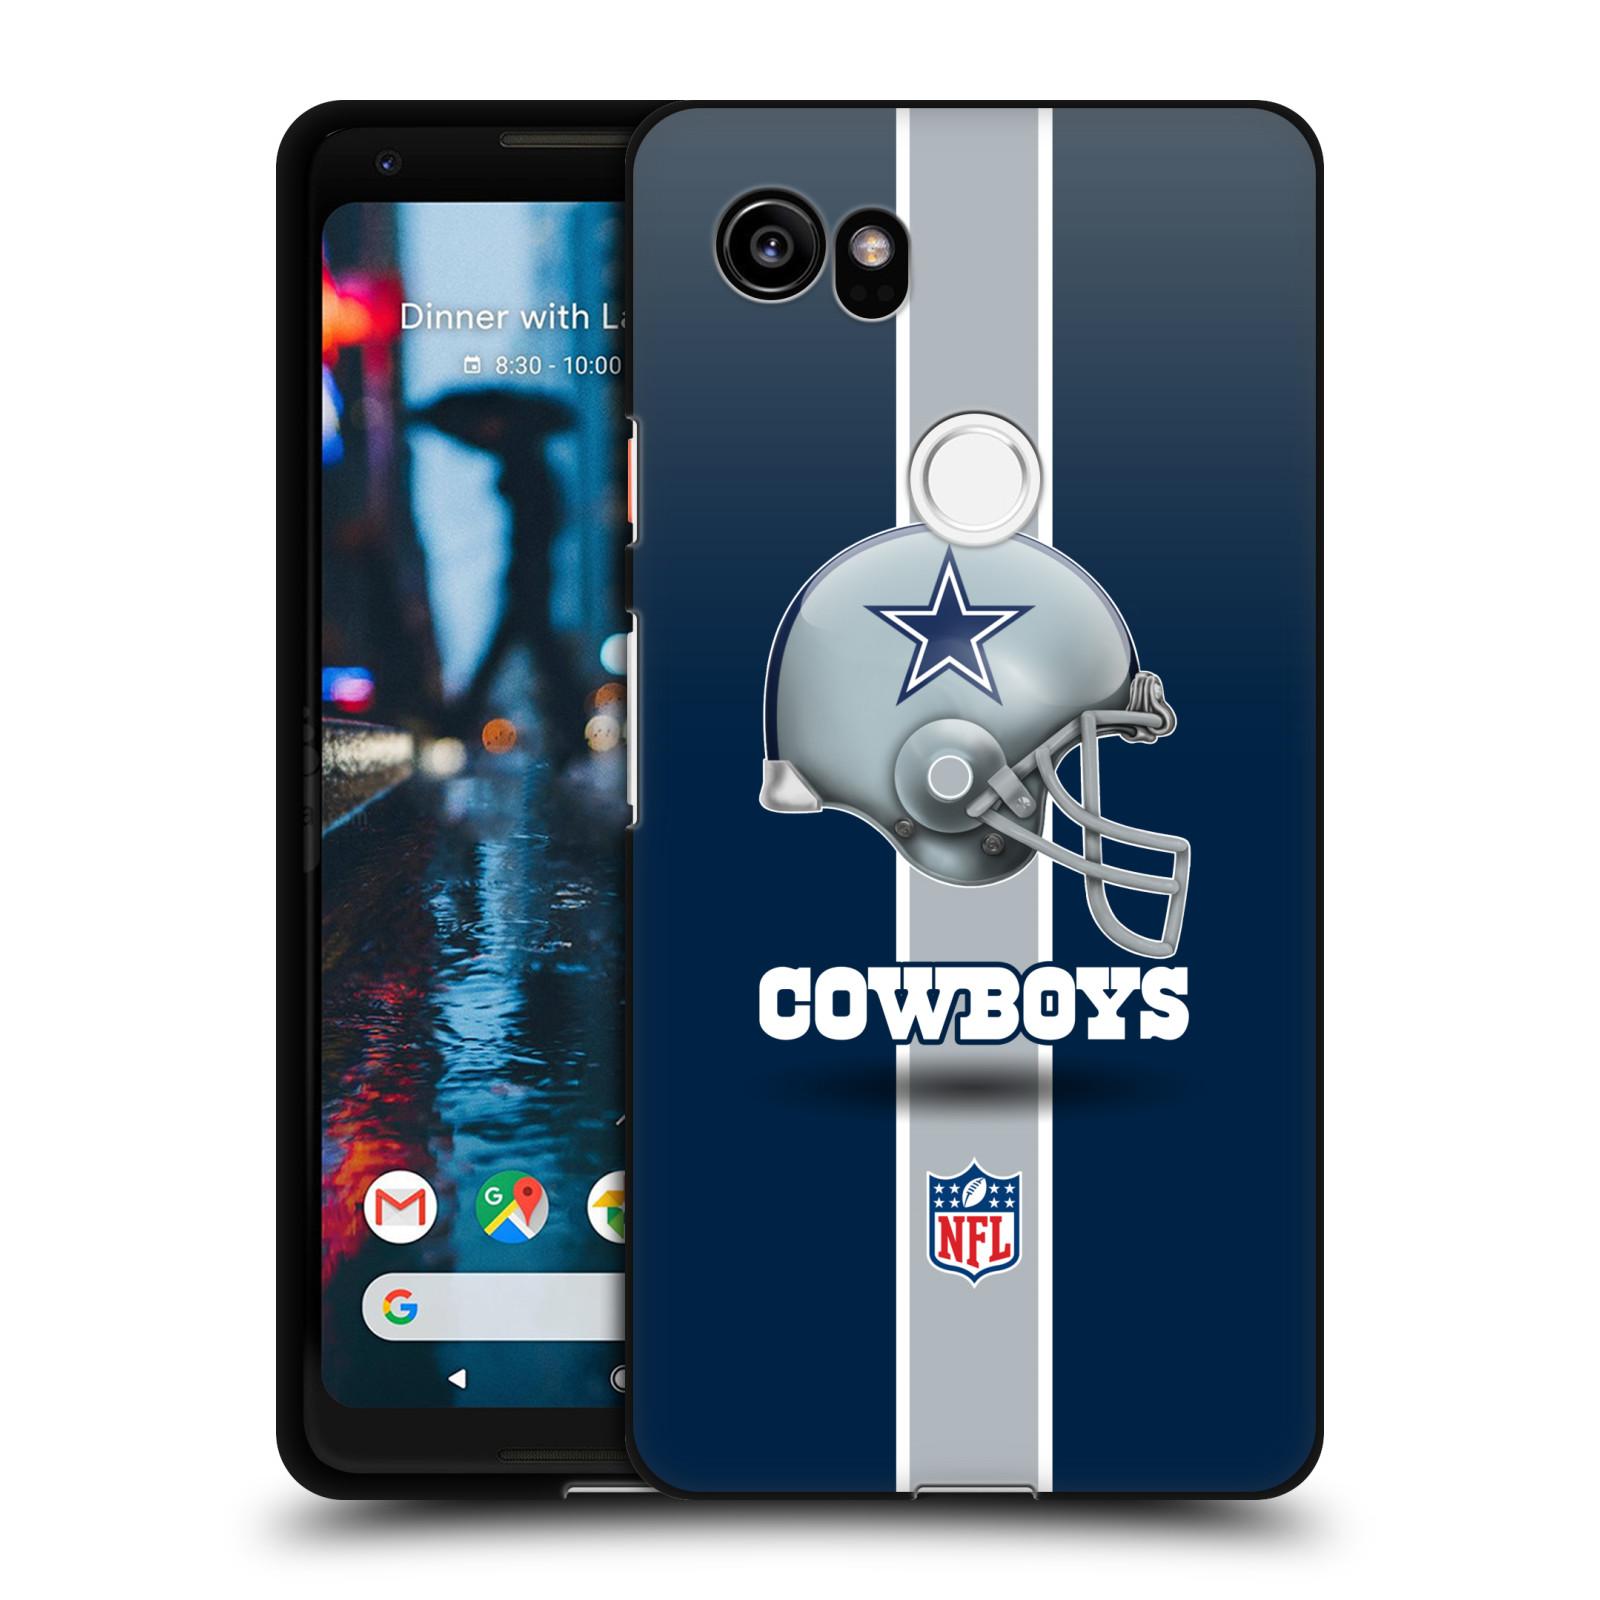 OFFICIAL-NFL-DALLAS-COWBOYS-LOGO-BLACK-SOFT-GEL-CASE-FOR-GOOGLE-PHONES